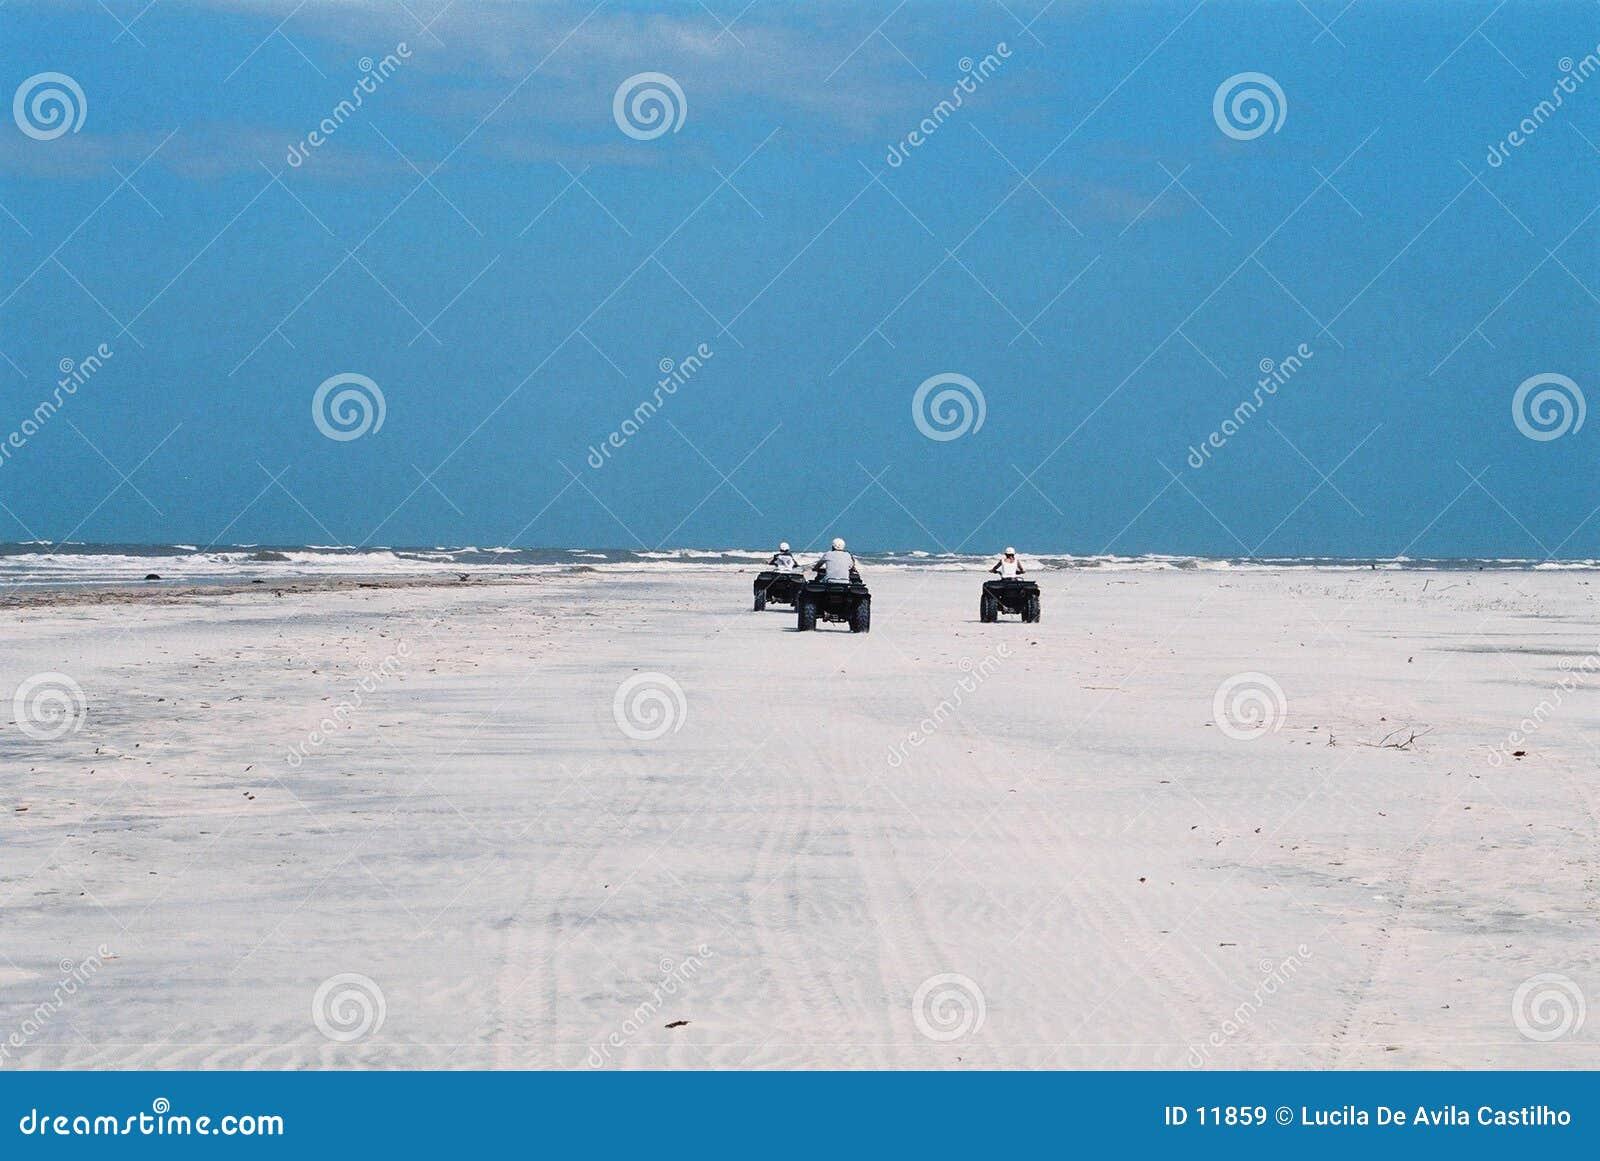 Aventure à la plage abandonnée